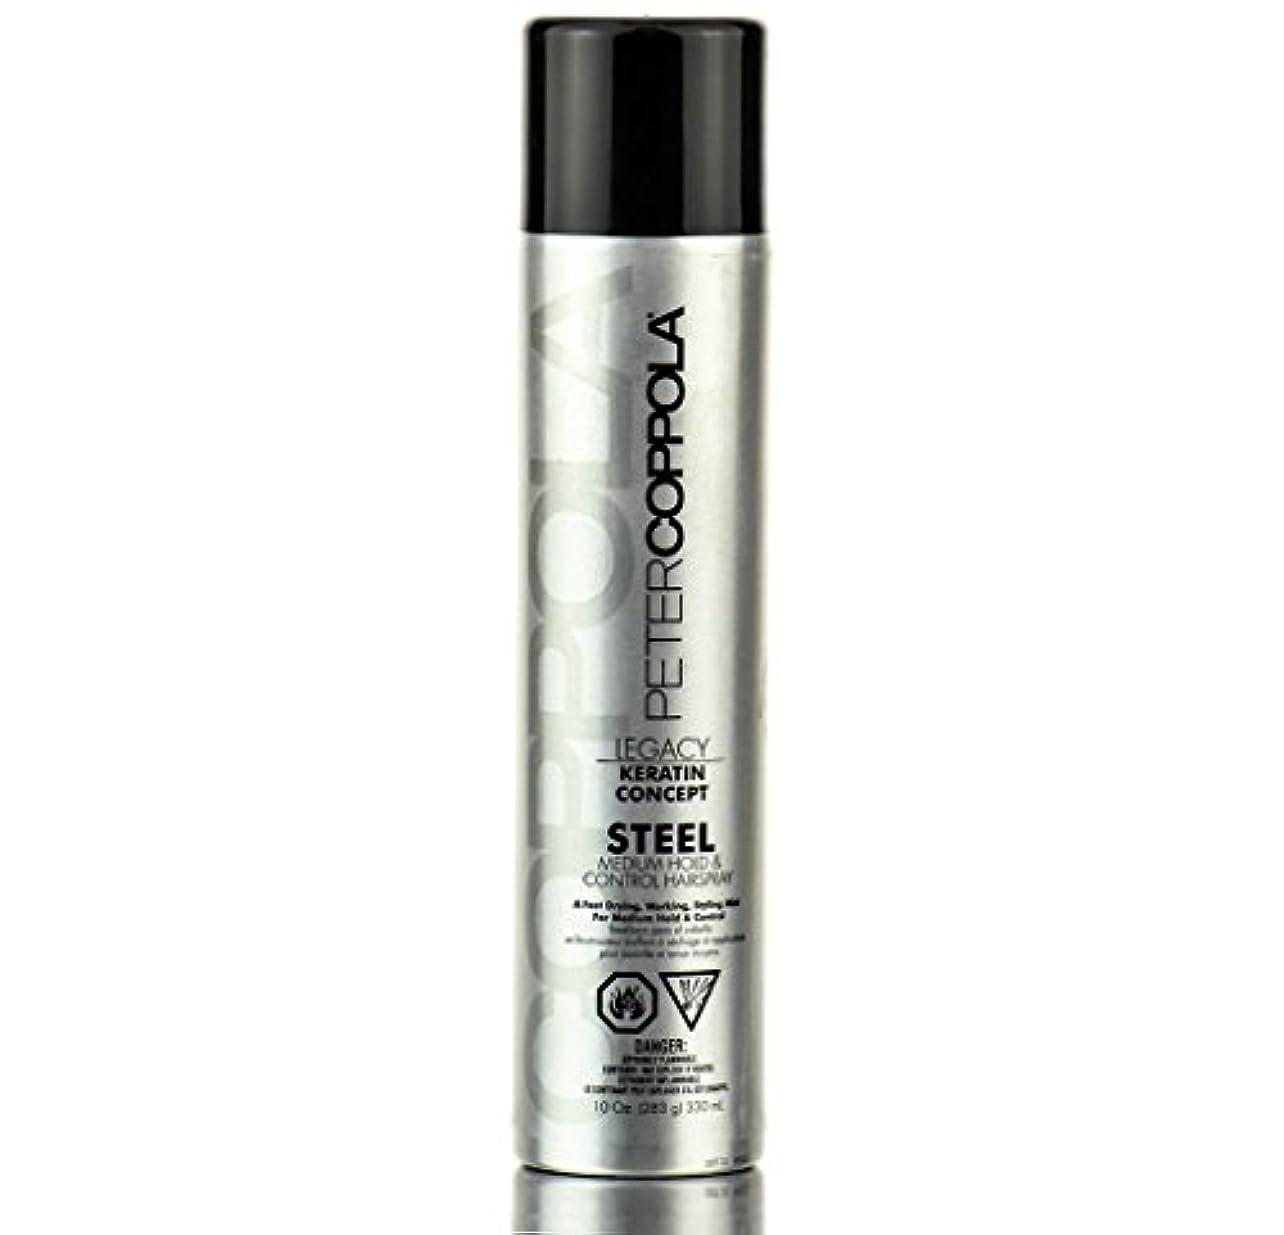 高音タンカー腐敗Peter Coppola スチールヘアスプレー - 軽量、ミディアムホールド、柔軟なホールドは、スタイリングヘアボリューム&スタイリングのすべての髪のタイプを追加するための10オンスミディアムシャインスプレー medium_hold